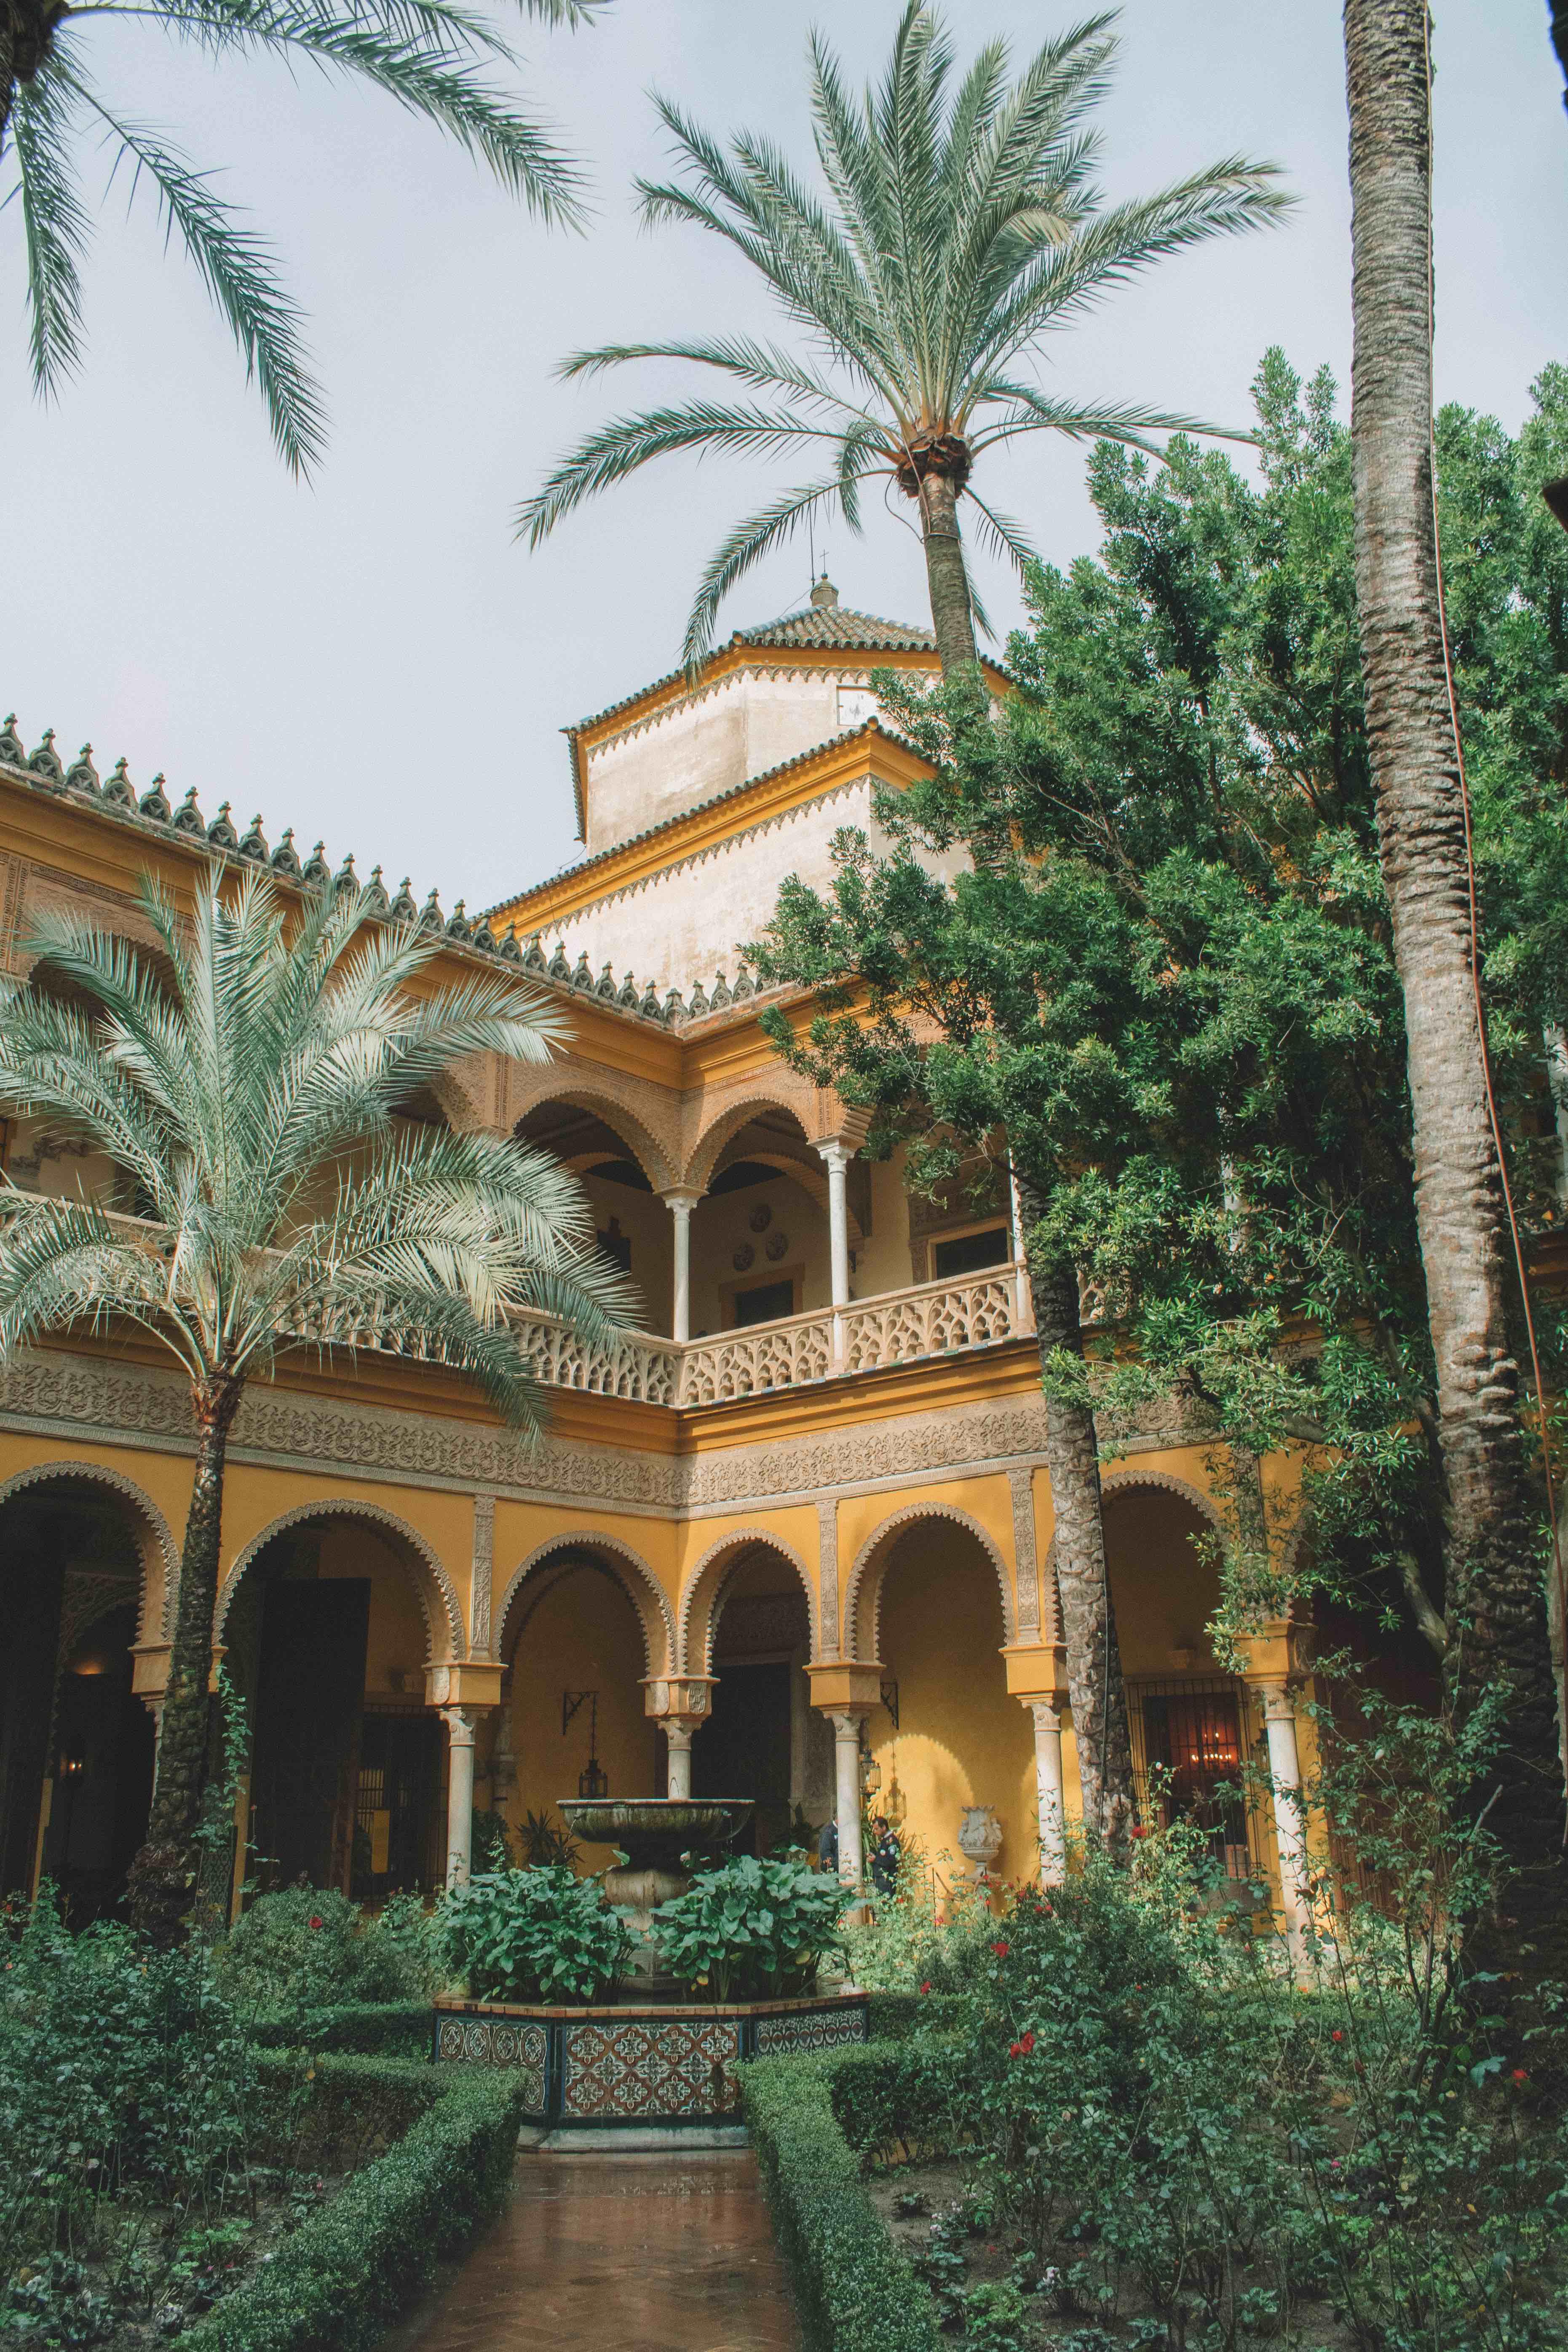 Palacio de las Dueñas Seville City Guide